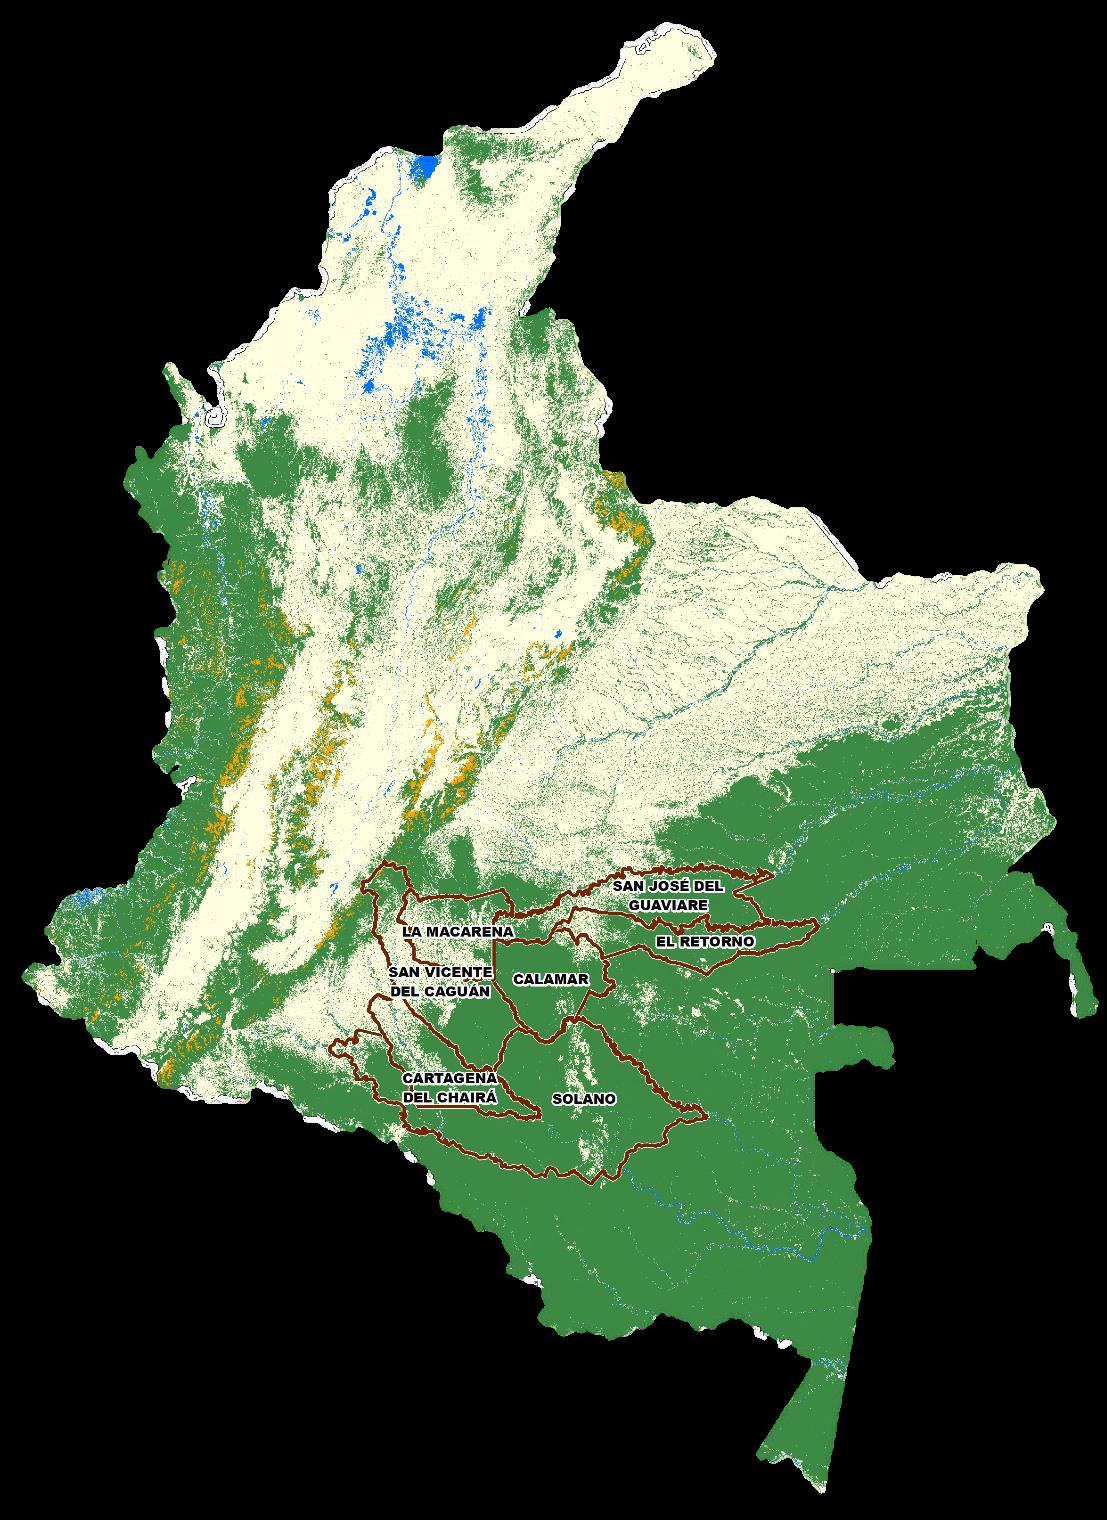 En solo 13 municipios se concentra el 62,2% de la deforestación en Colombia. Foto: Ideam.